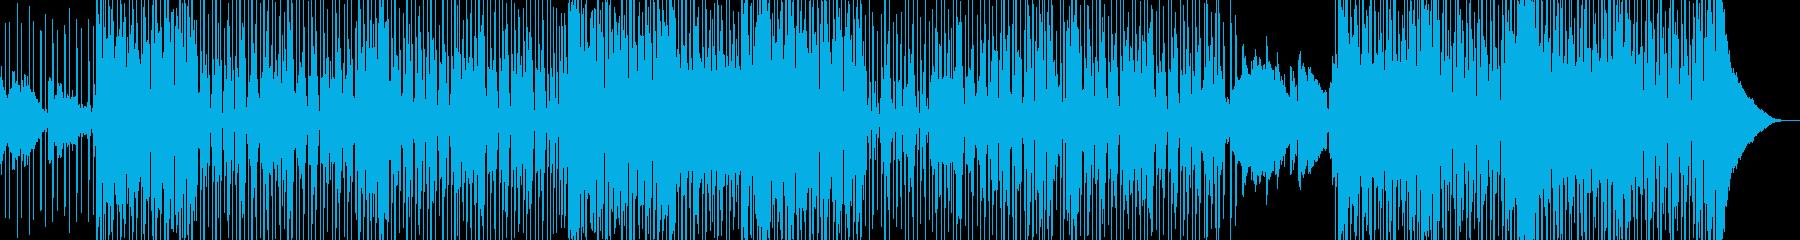 オシャレ切ない・変則的R&B・シンセ無しの再生済みの波形